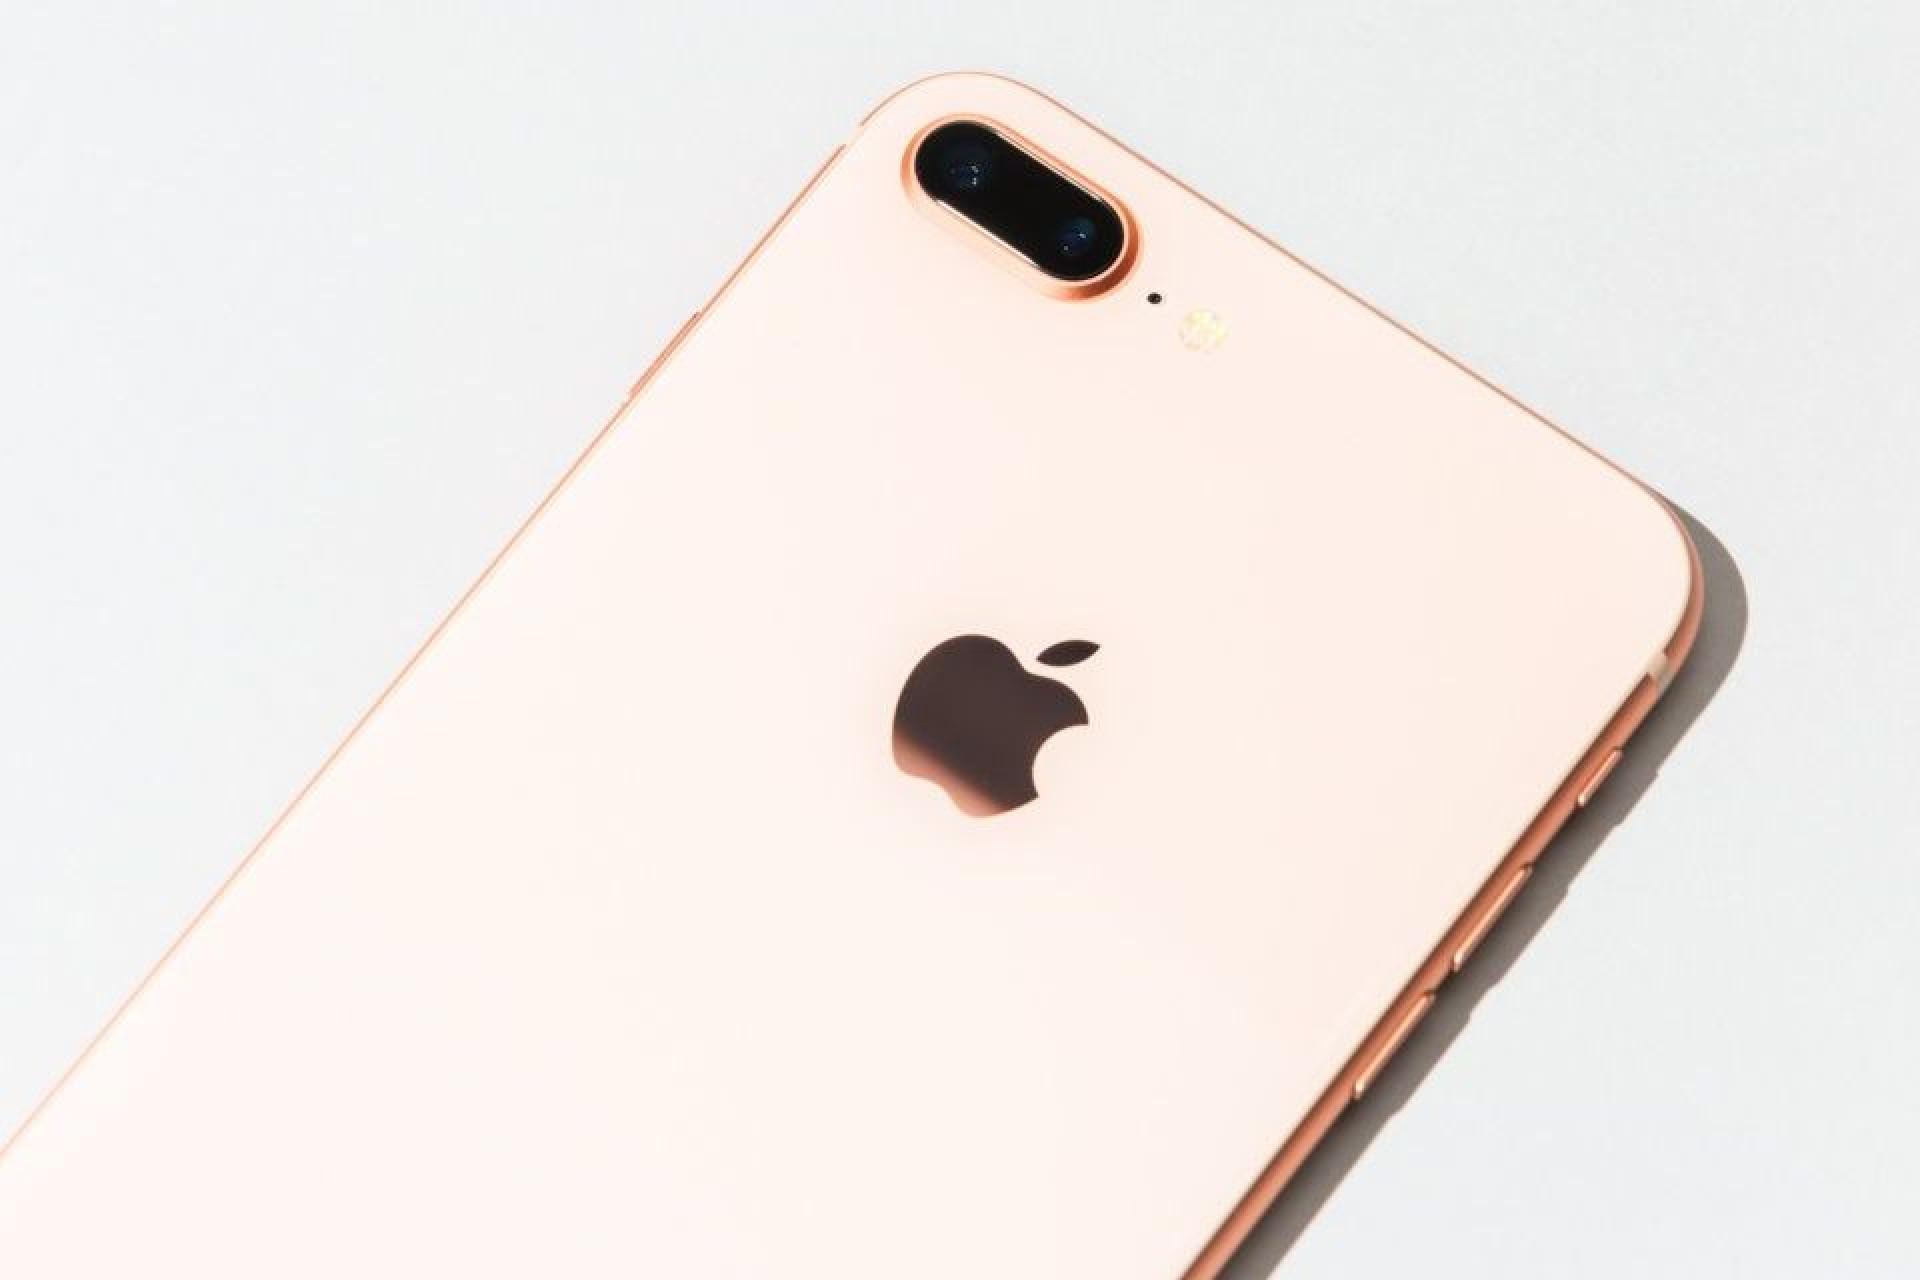 Indeciso entre sete iPhones? Fique a saber qual o melhor modelo